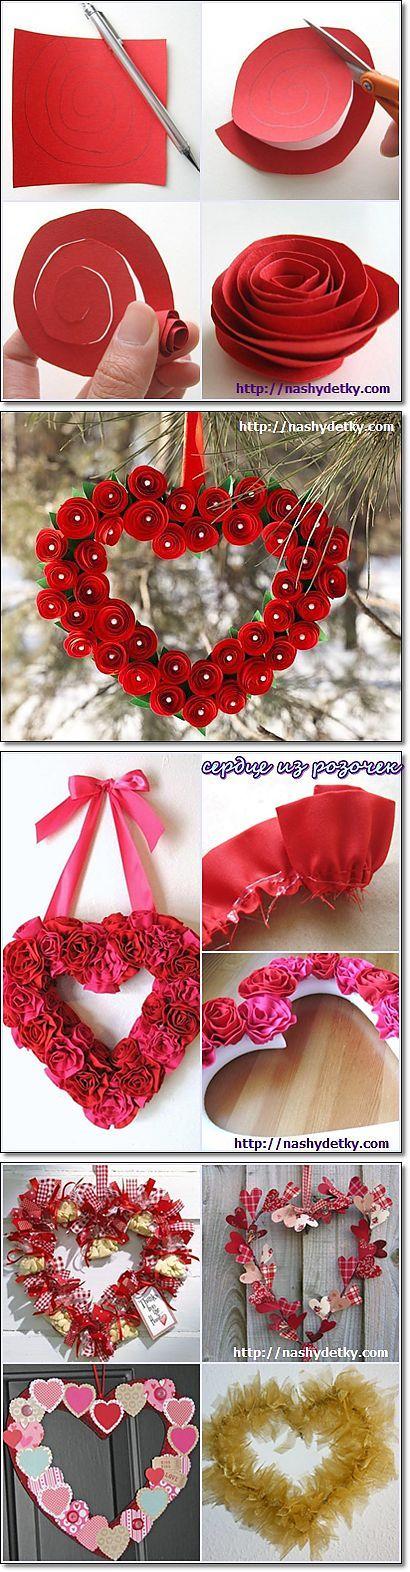 Букет из конфет сердце, венок сердце – милый подарок и декор   СВОИМИ РУКАМИ   Постила